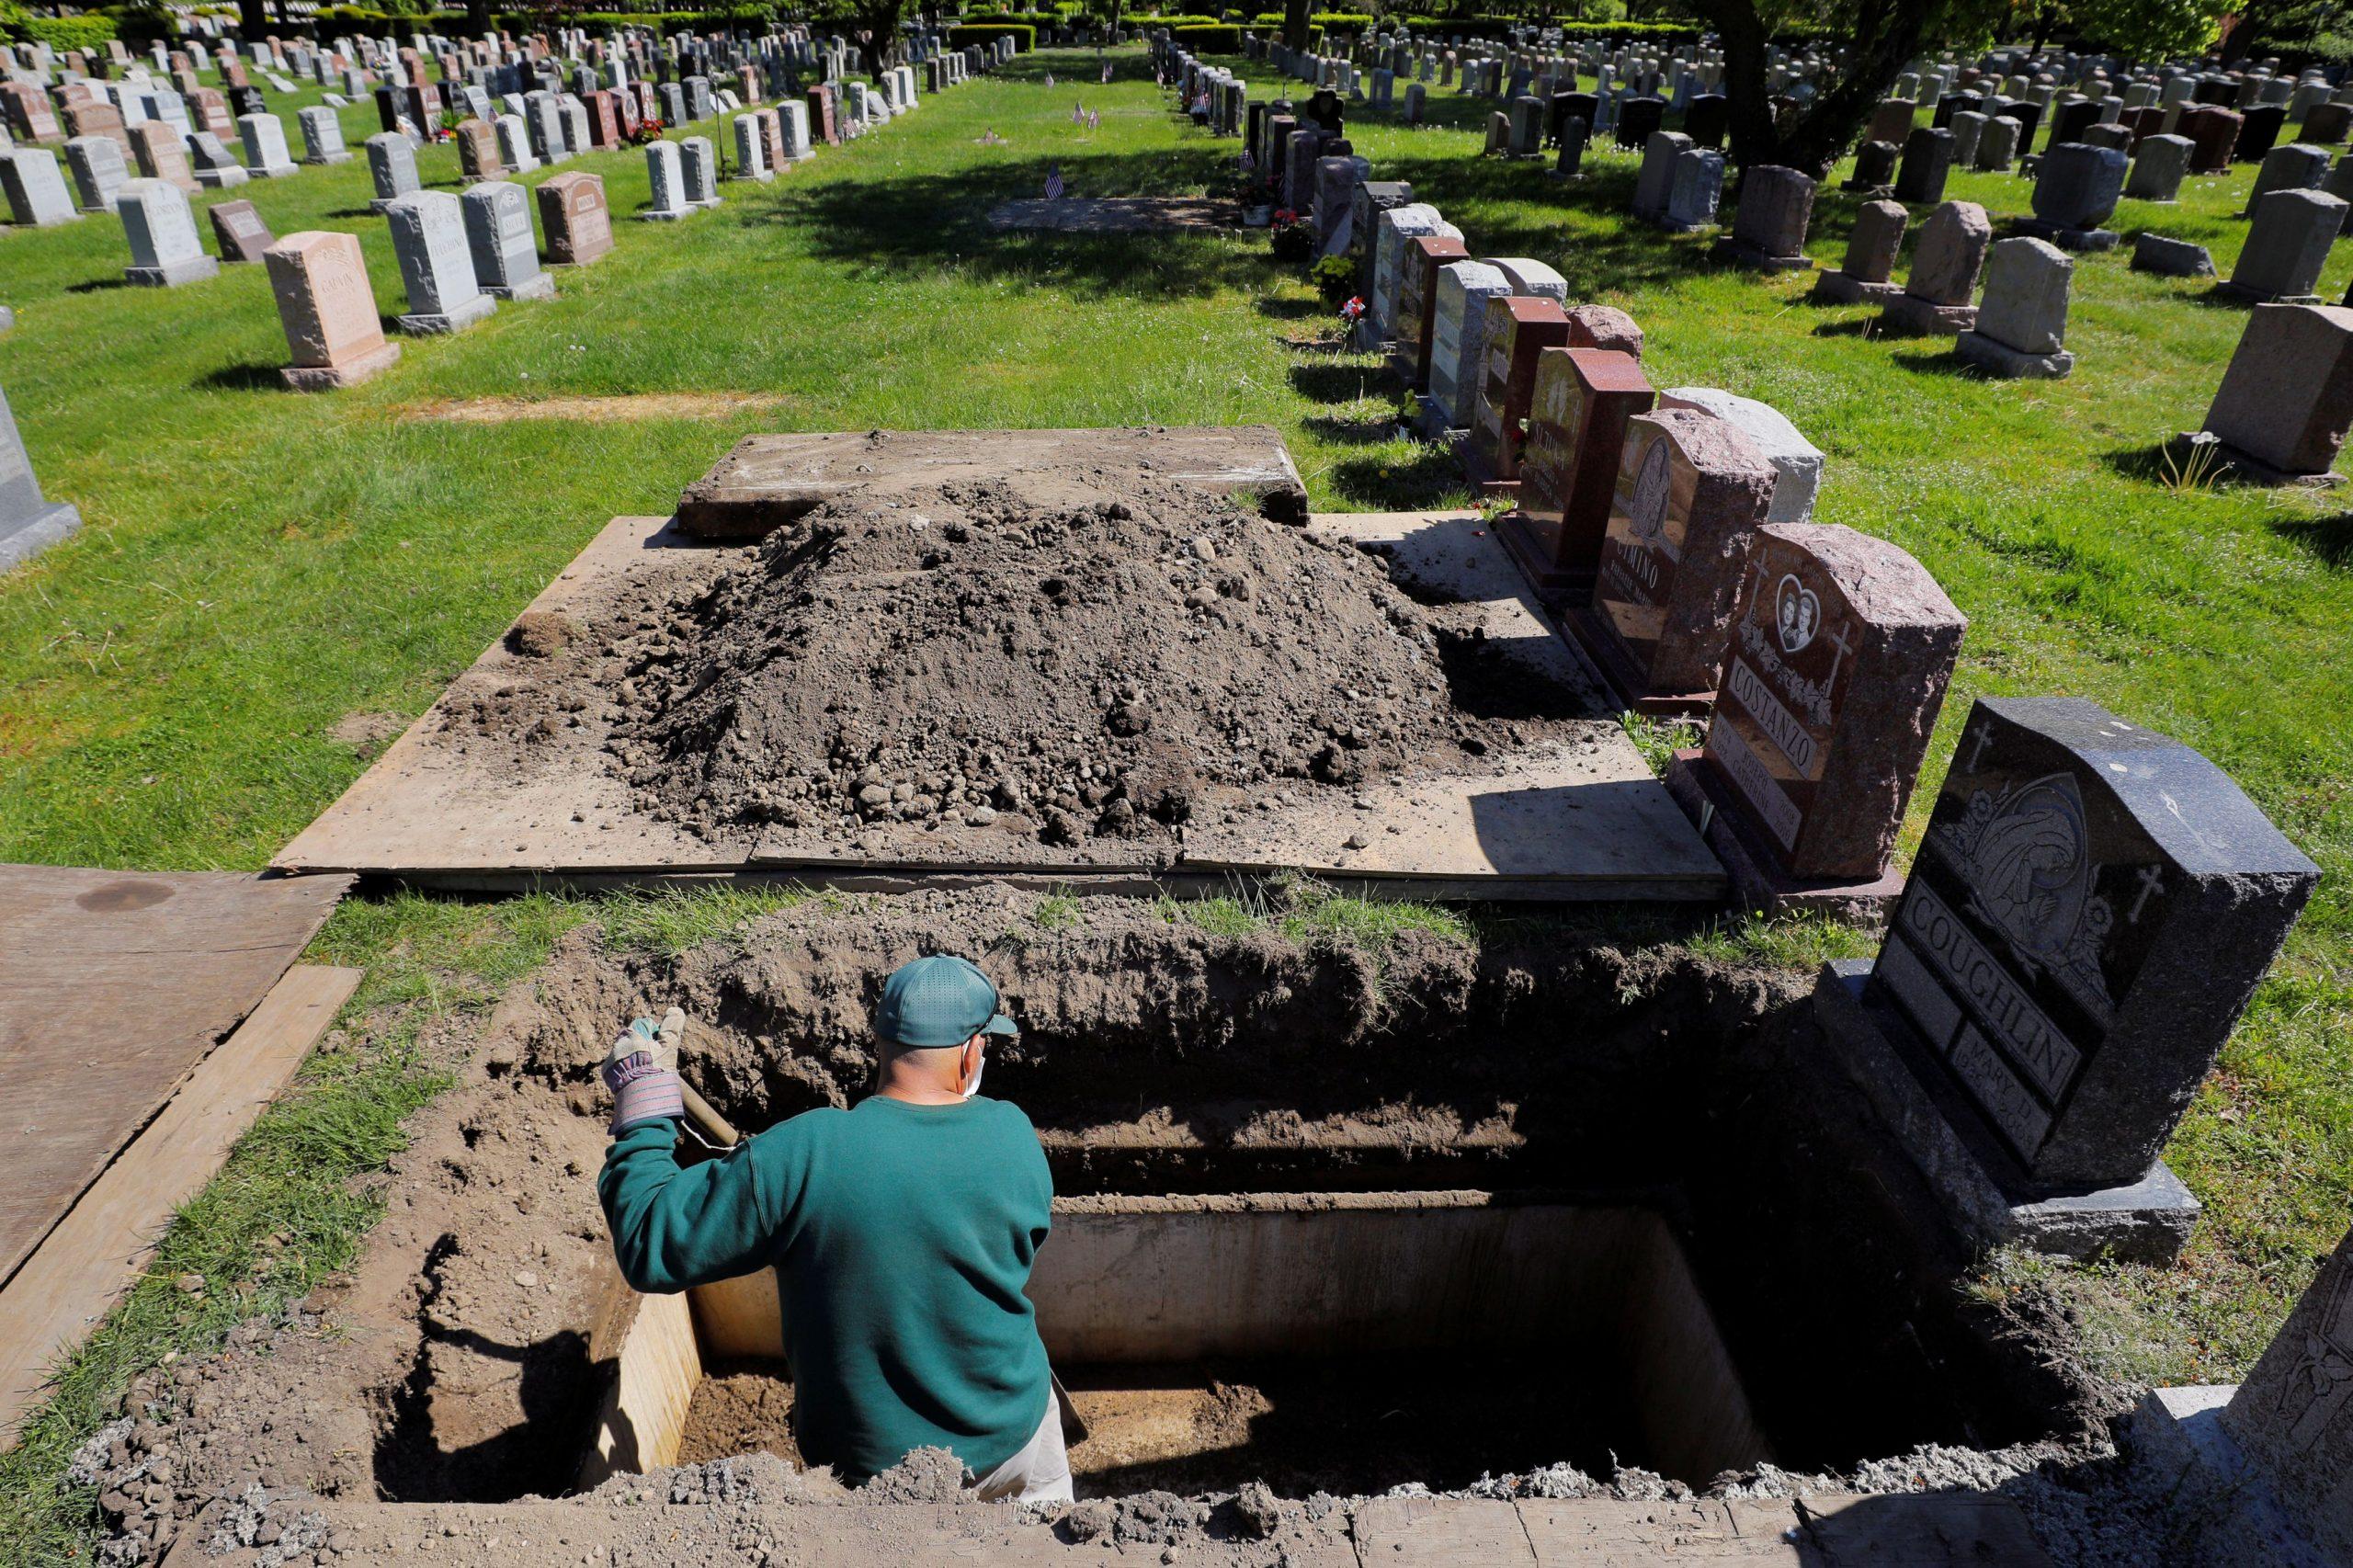 Korona odnijela zastrašujući broj života / REUTERS